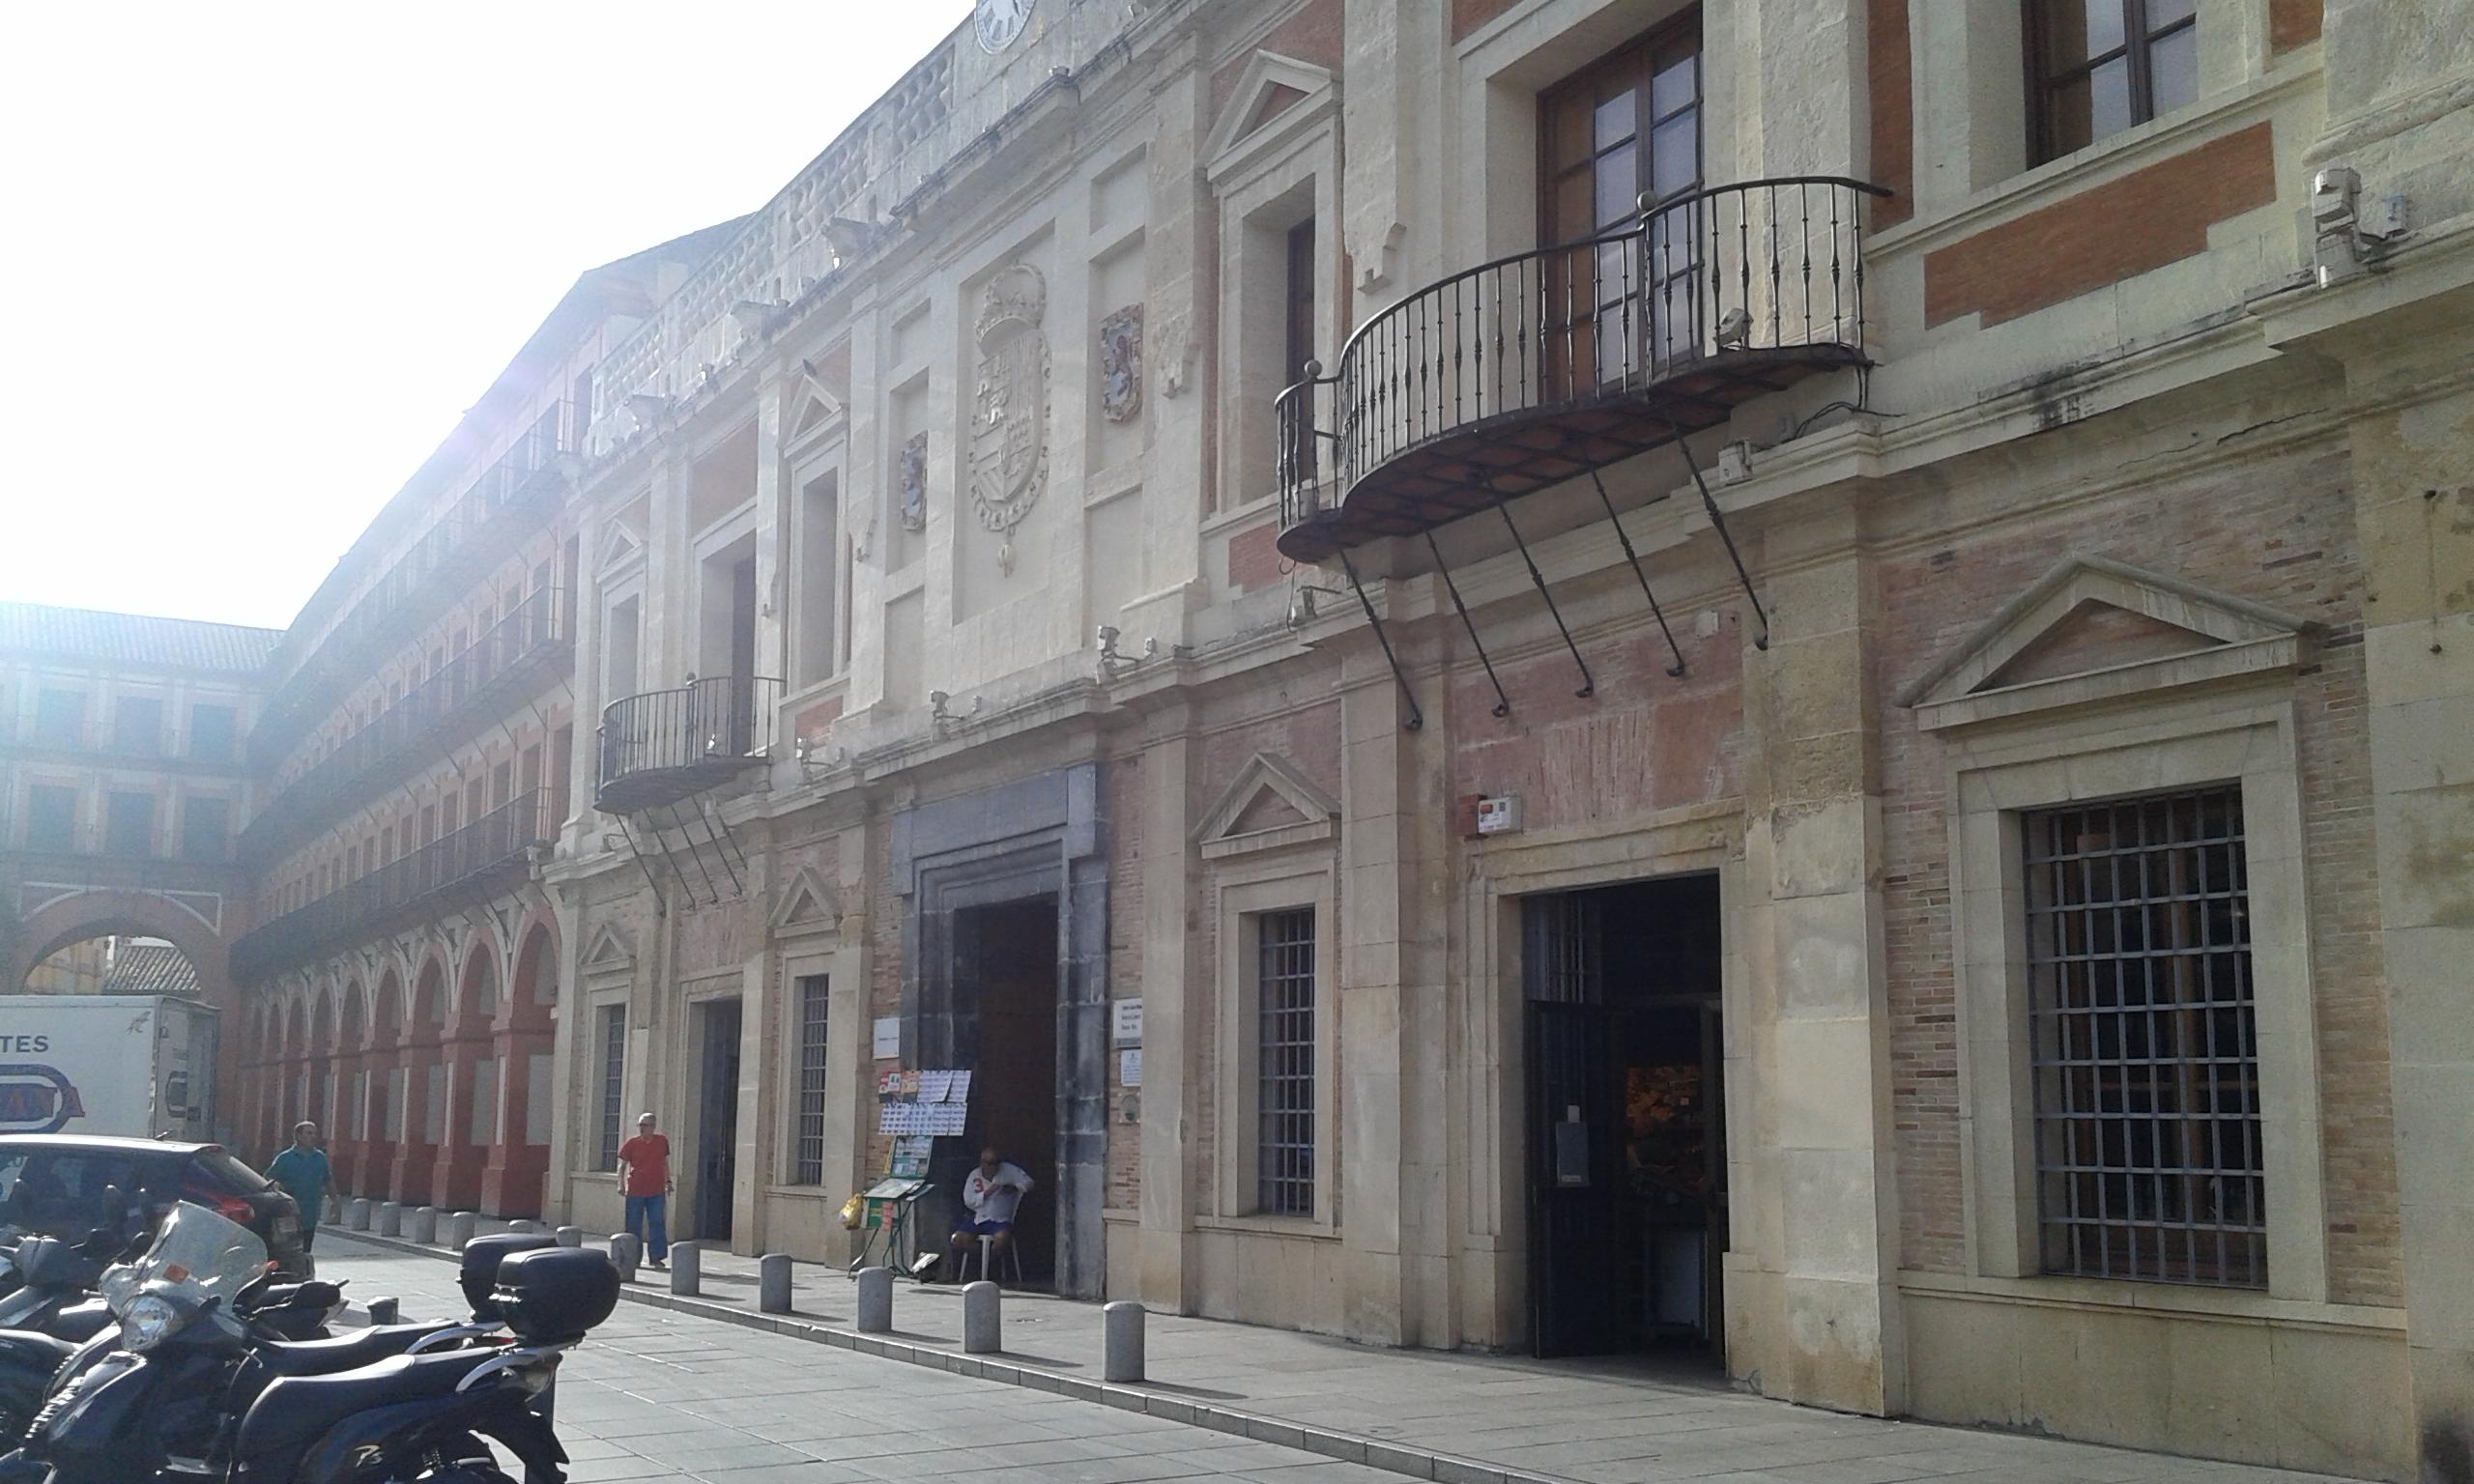 El mercado de la corredera en Córdoba